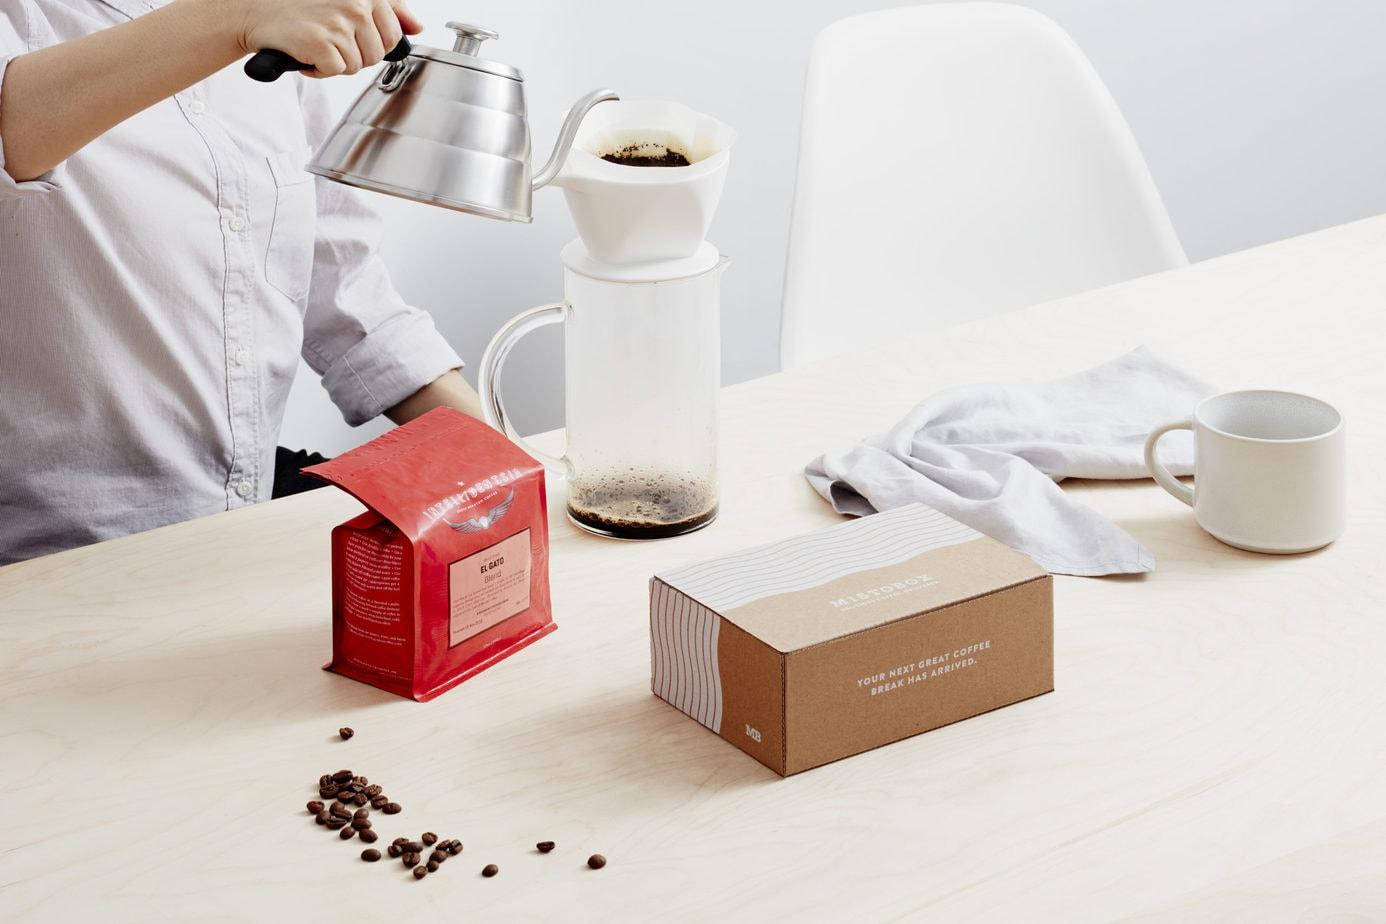 Mistobox Coffee Pouring